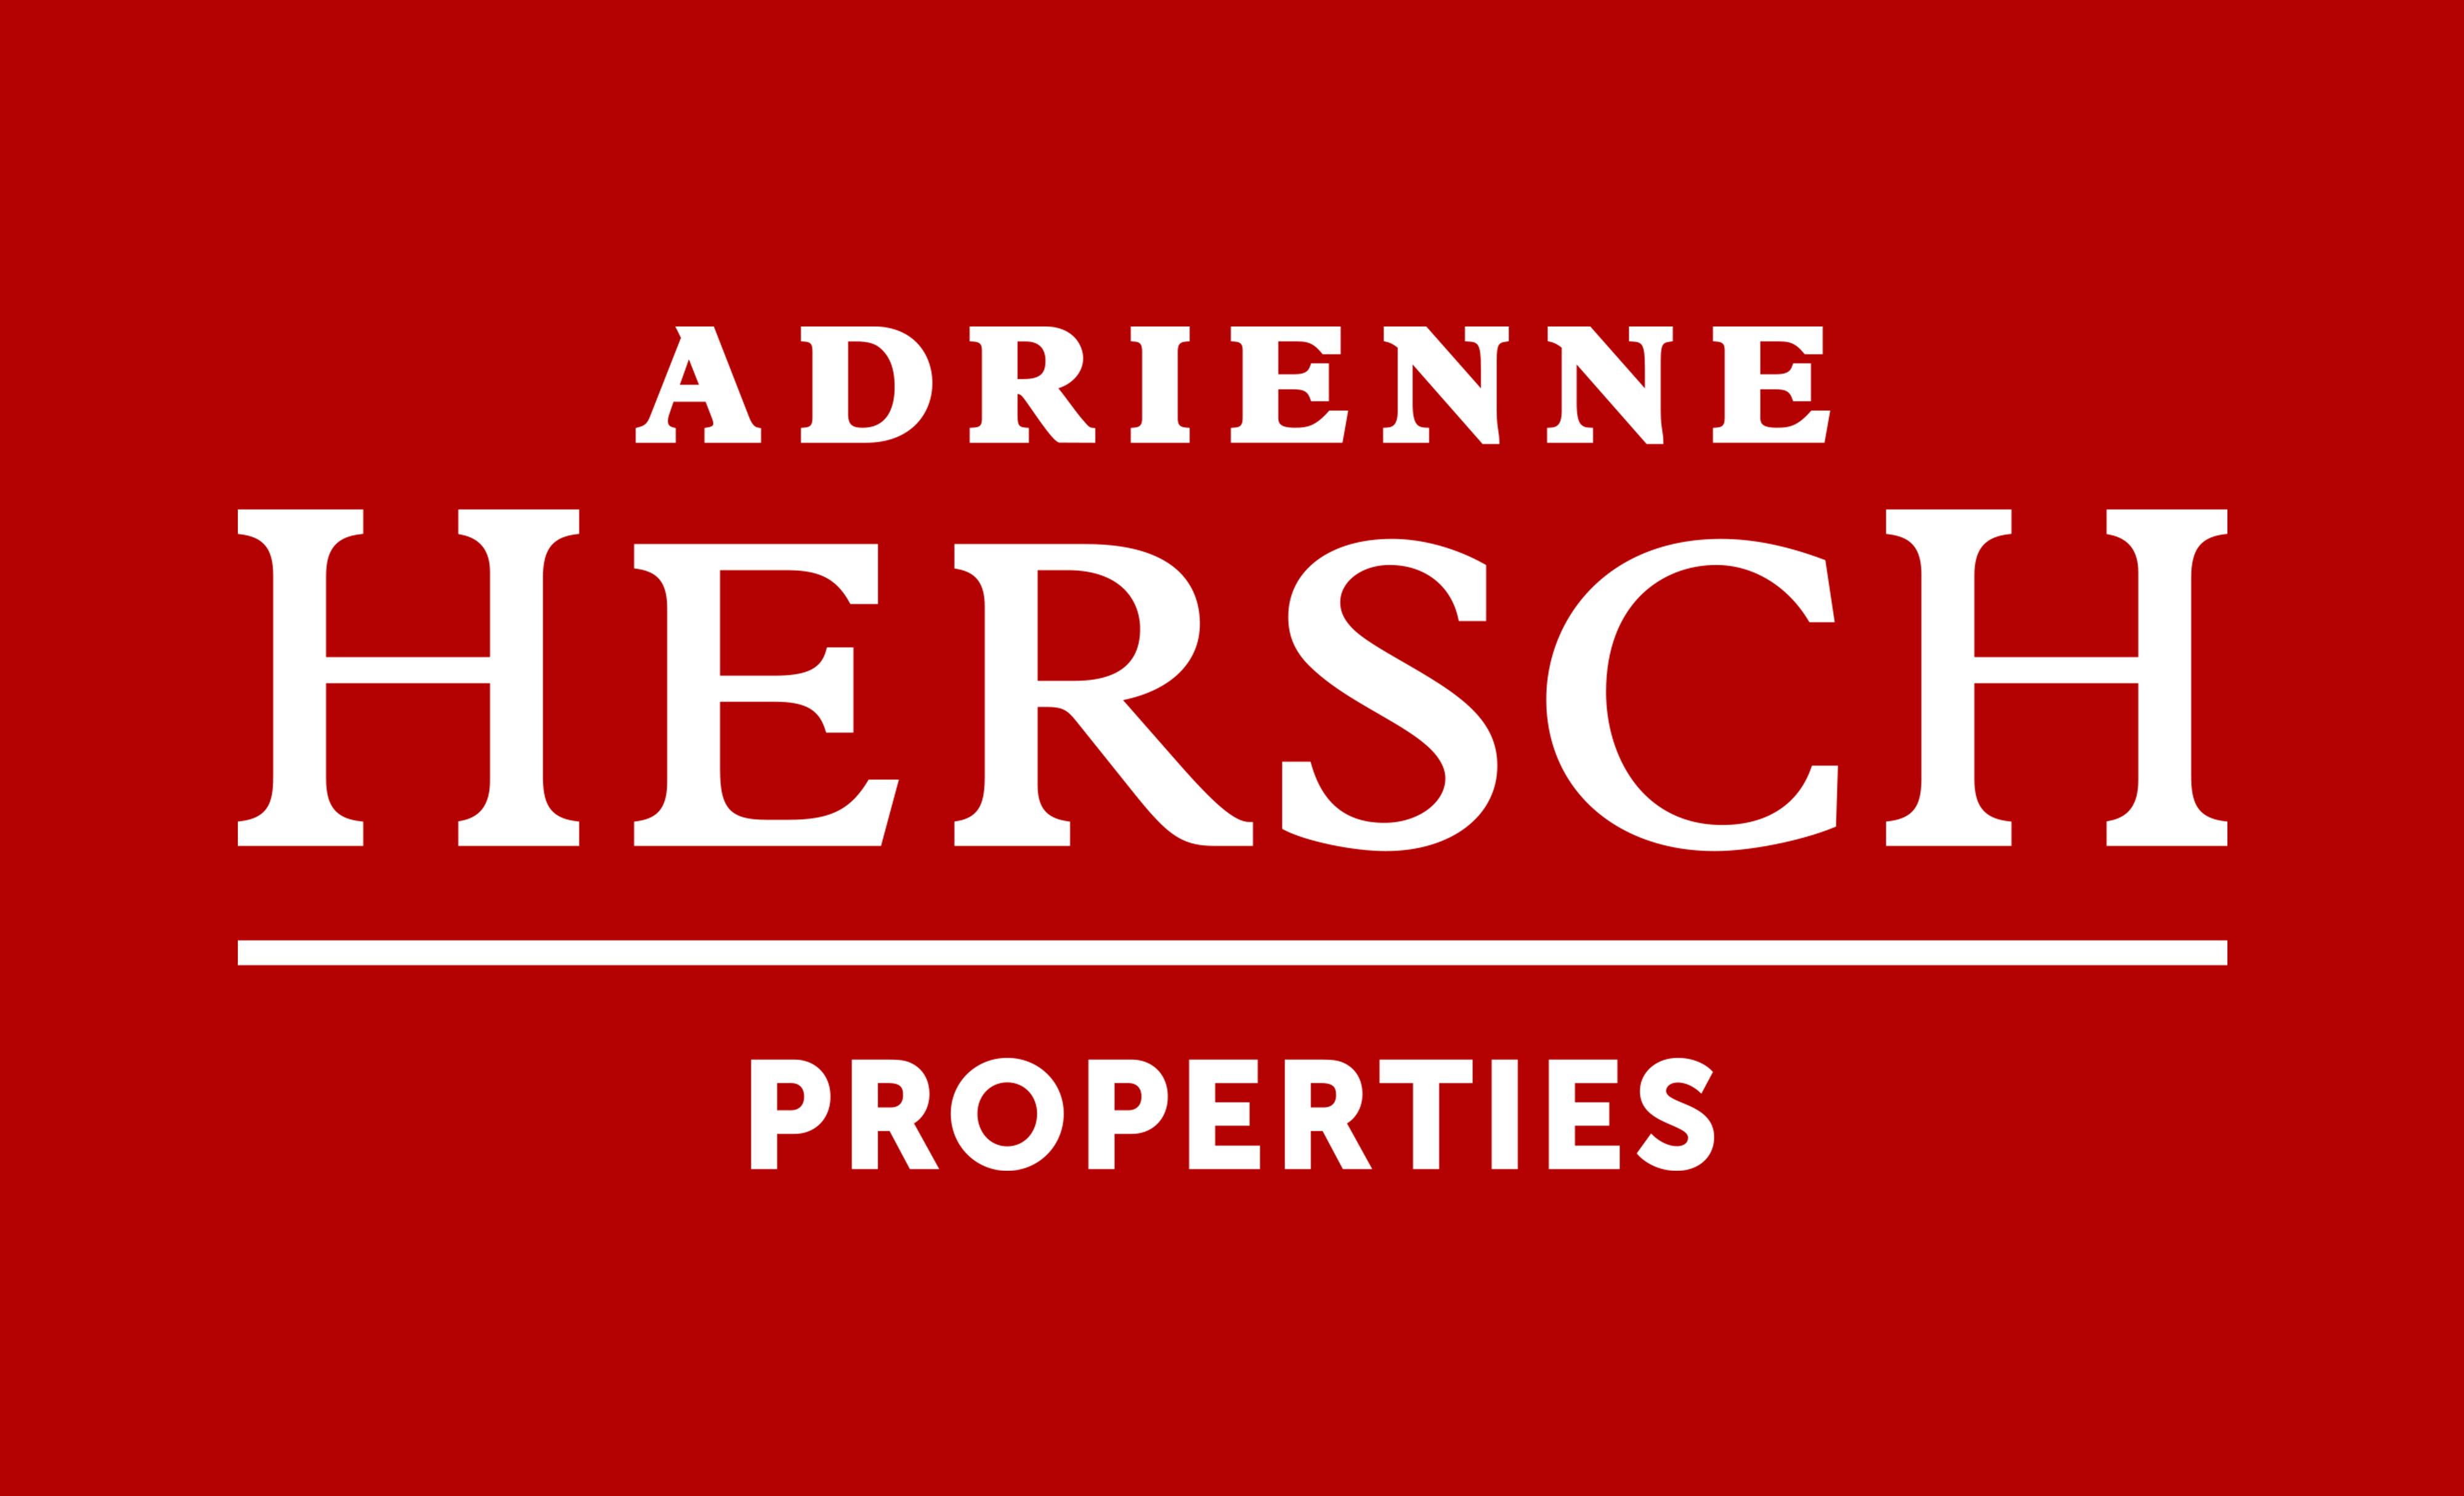 KW Adrienne Hersch Properties office logo